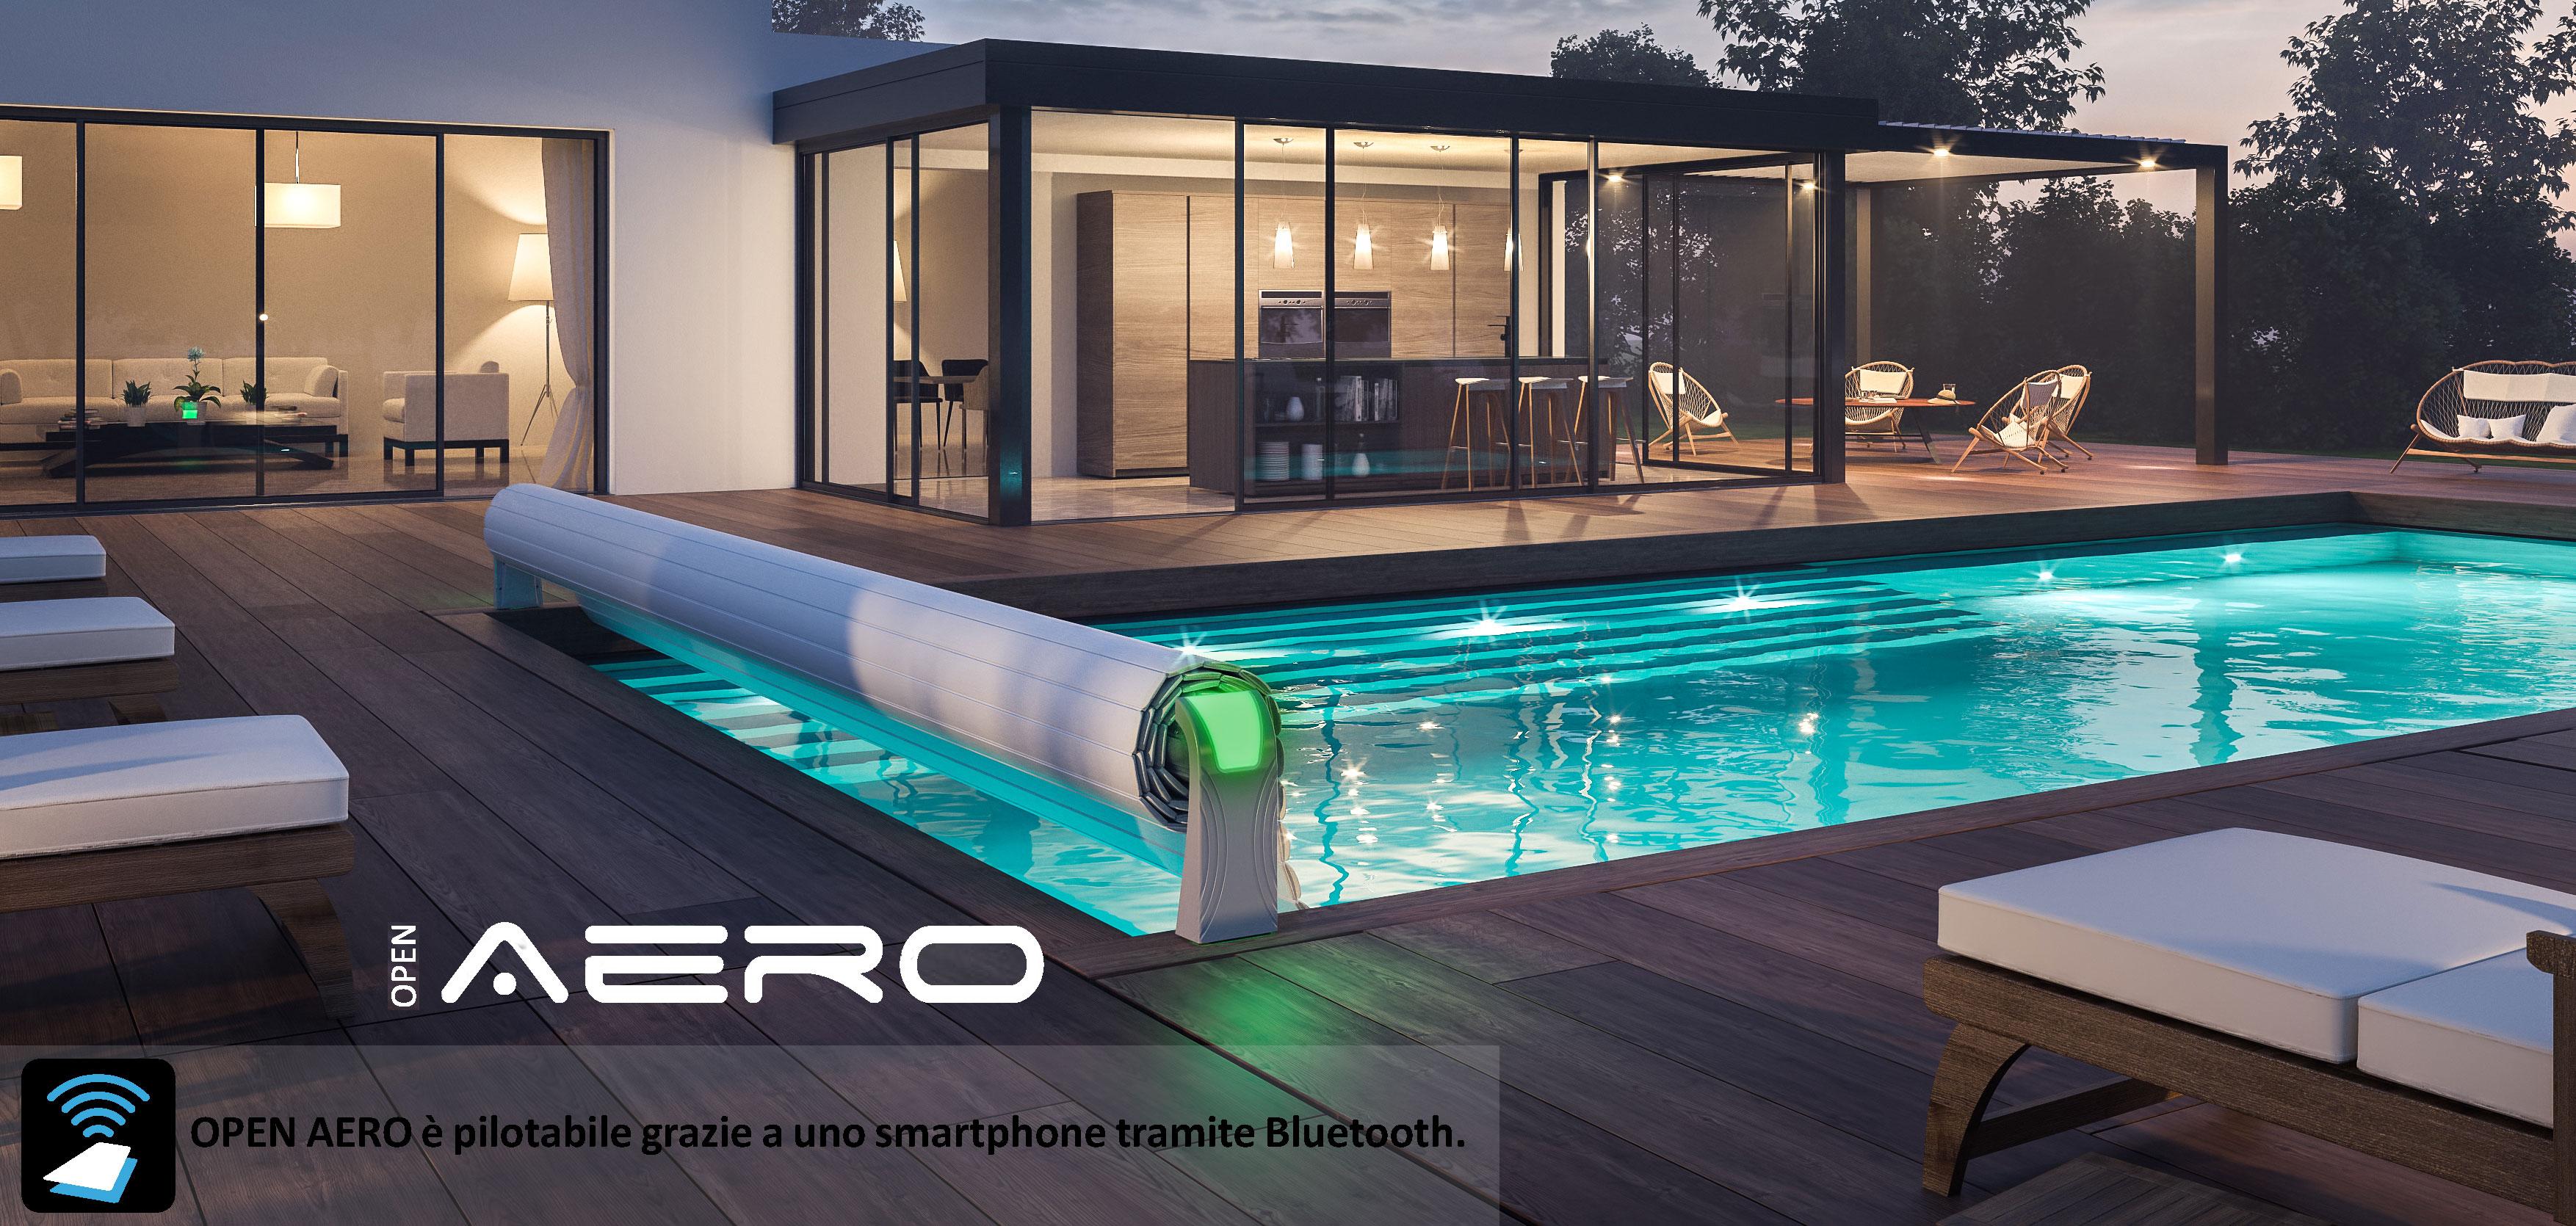 Copertura a tapparelle OPEN AERO di sicurezza con Wi-Fi per piscine